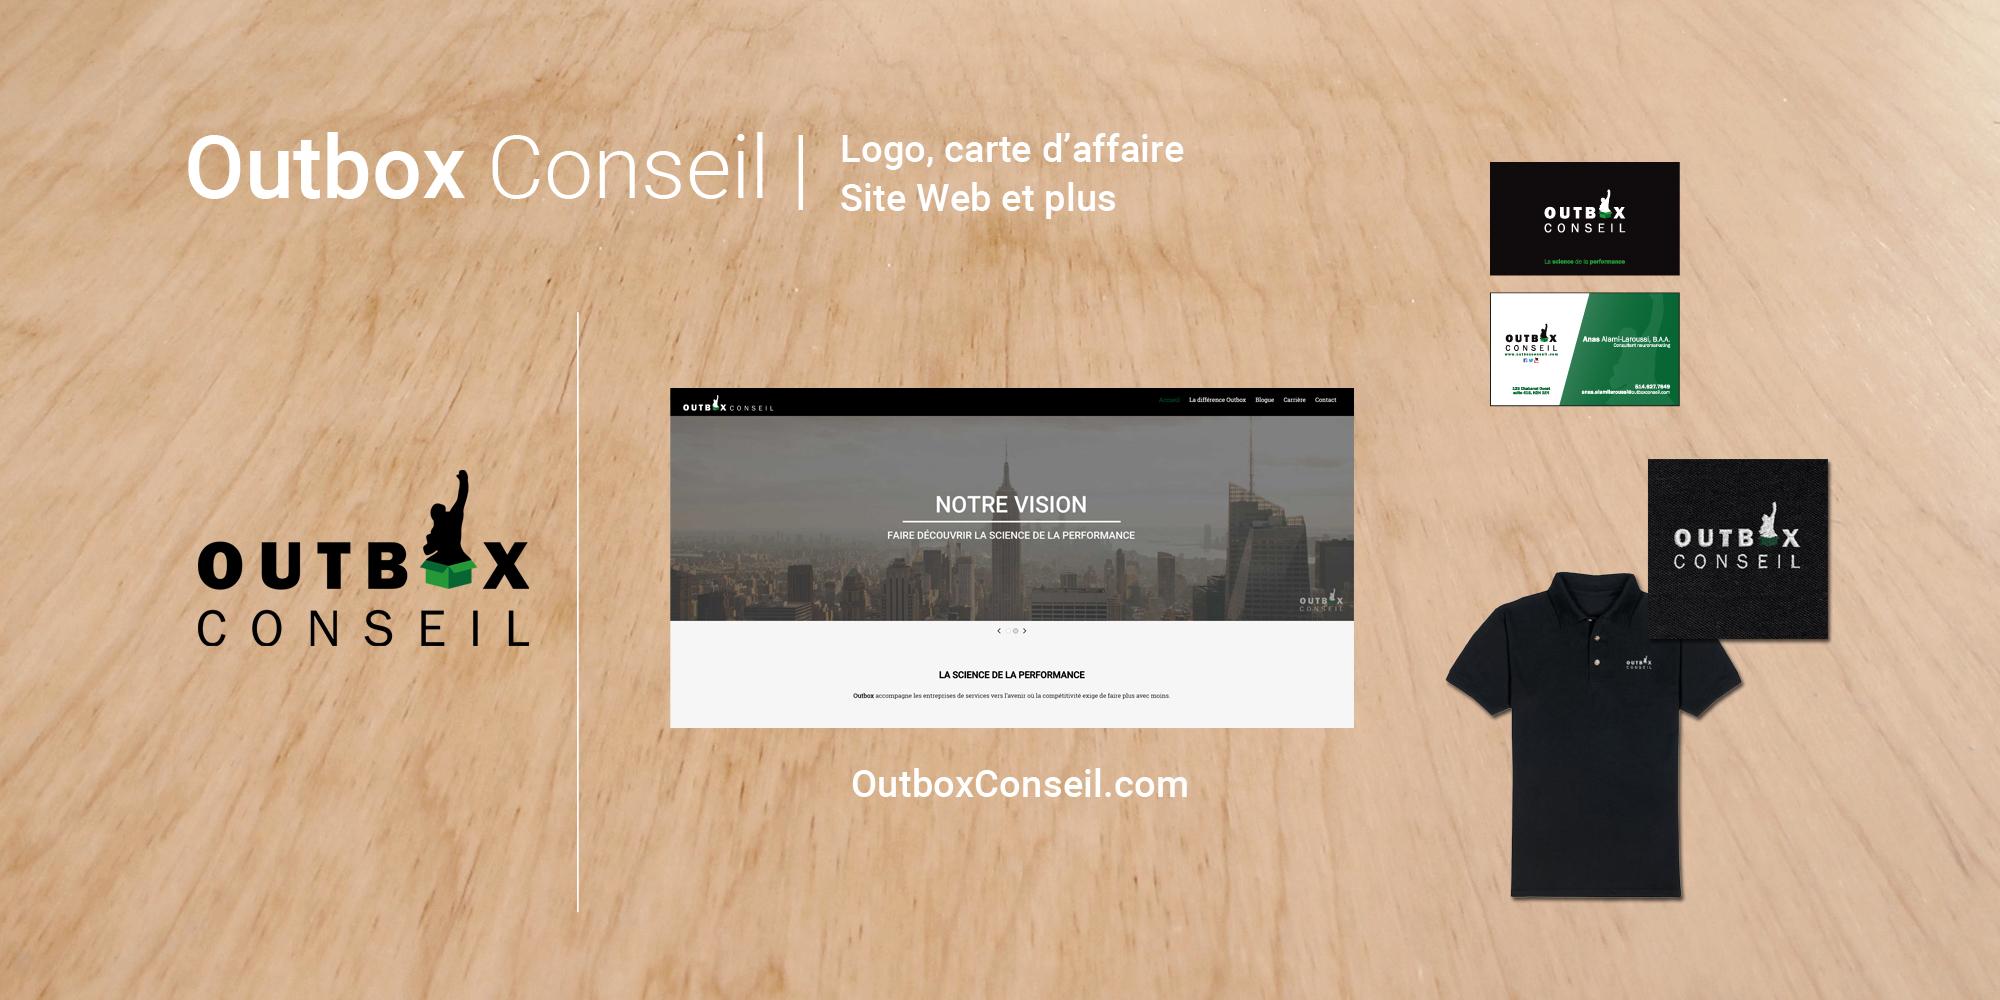 Outbox Conseil portfolio